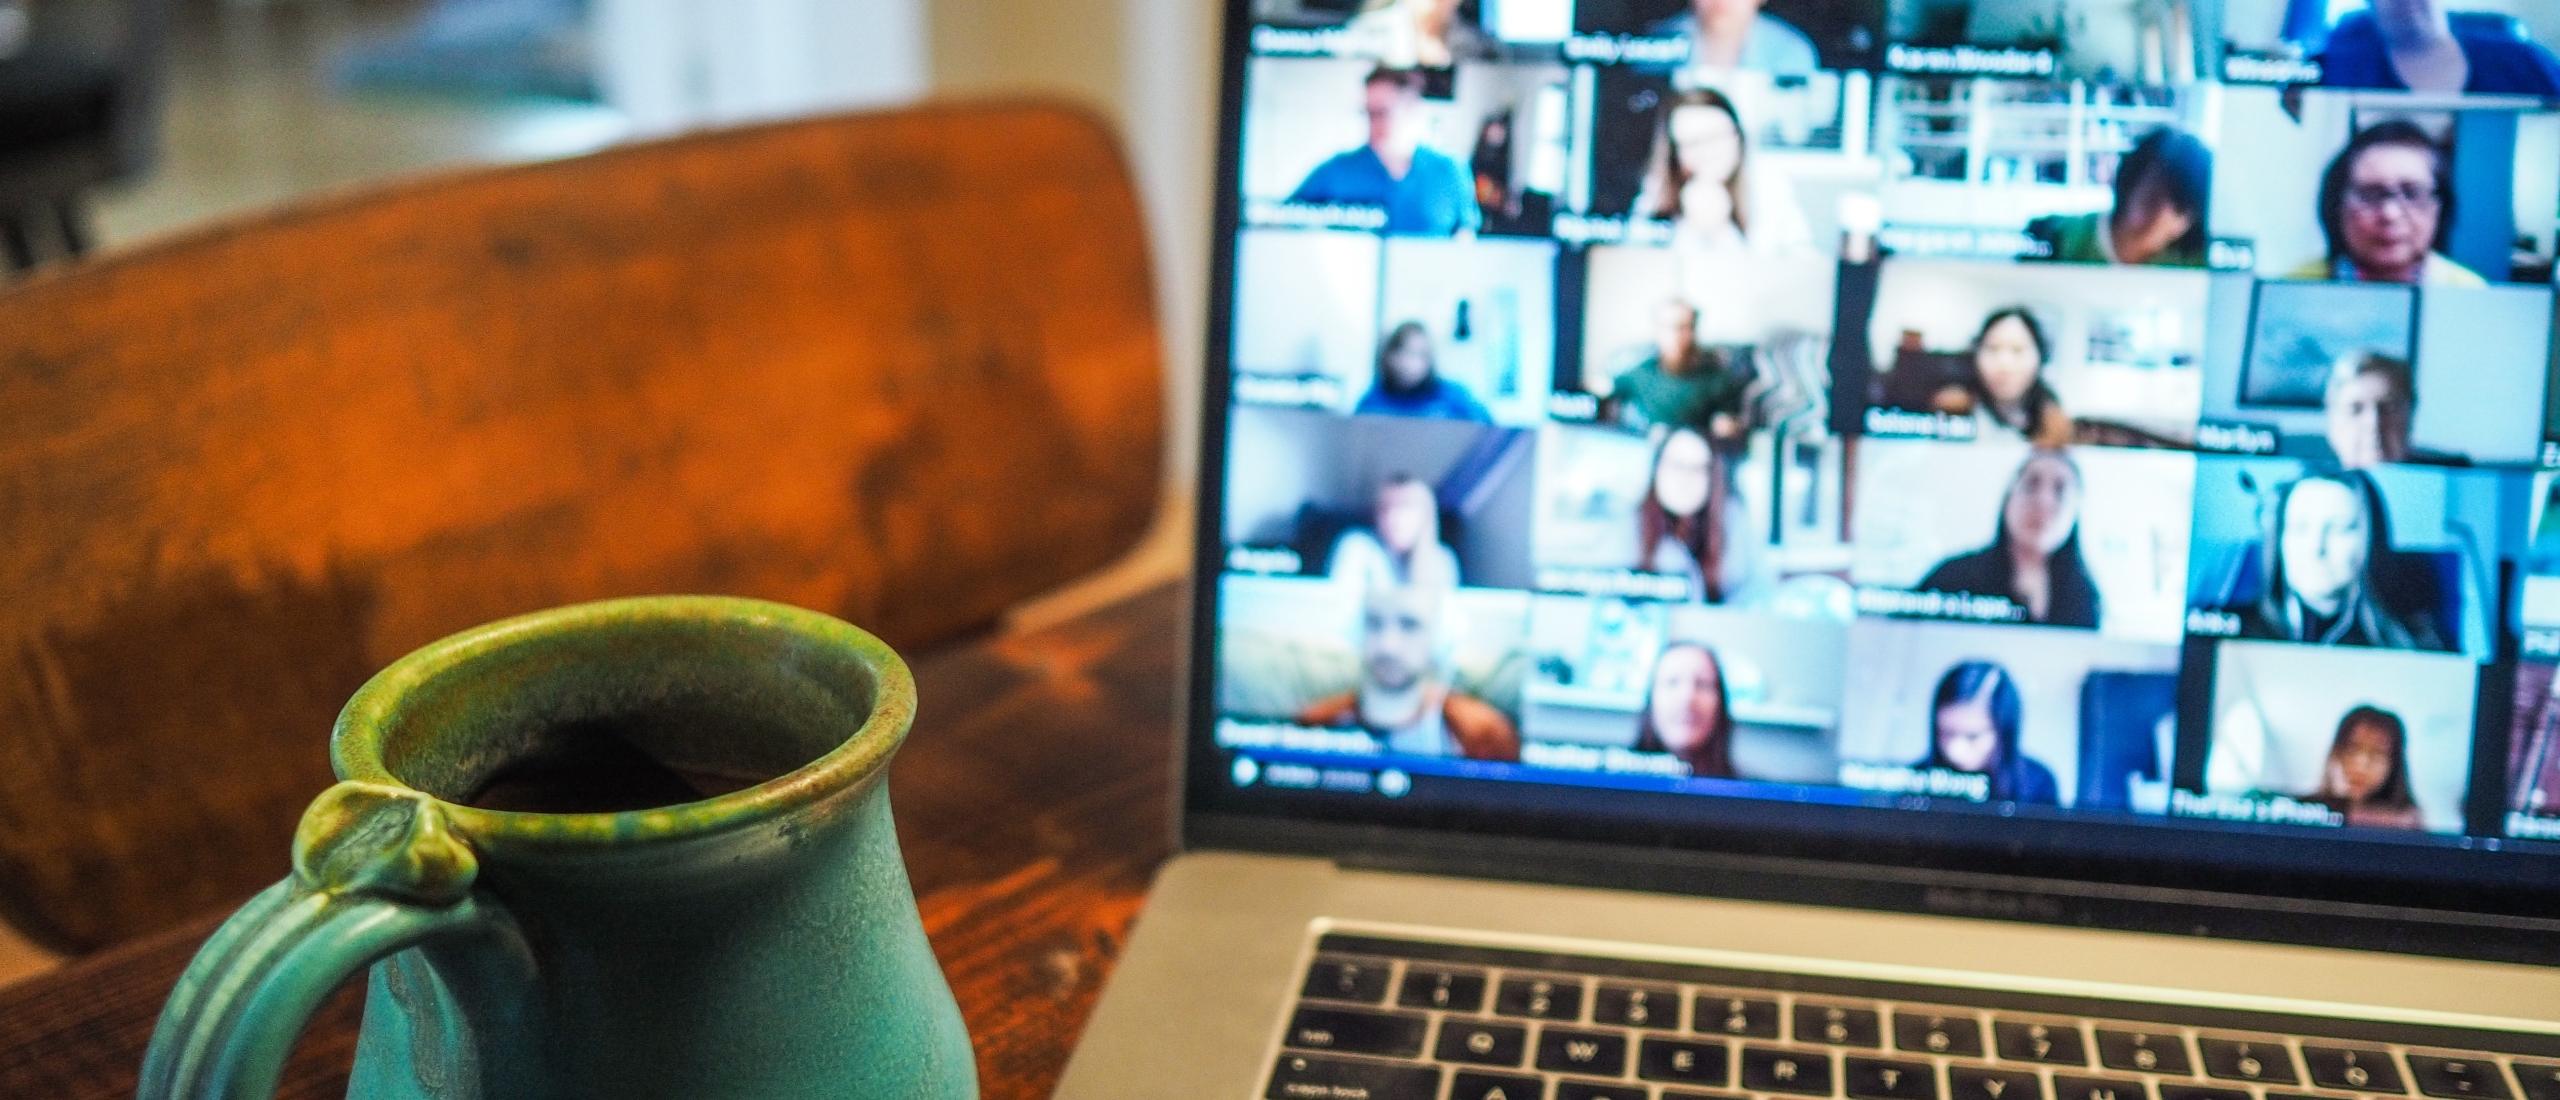 Hoe veilig zijn videoconferincingtools?